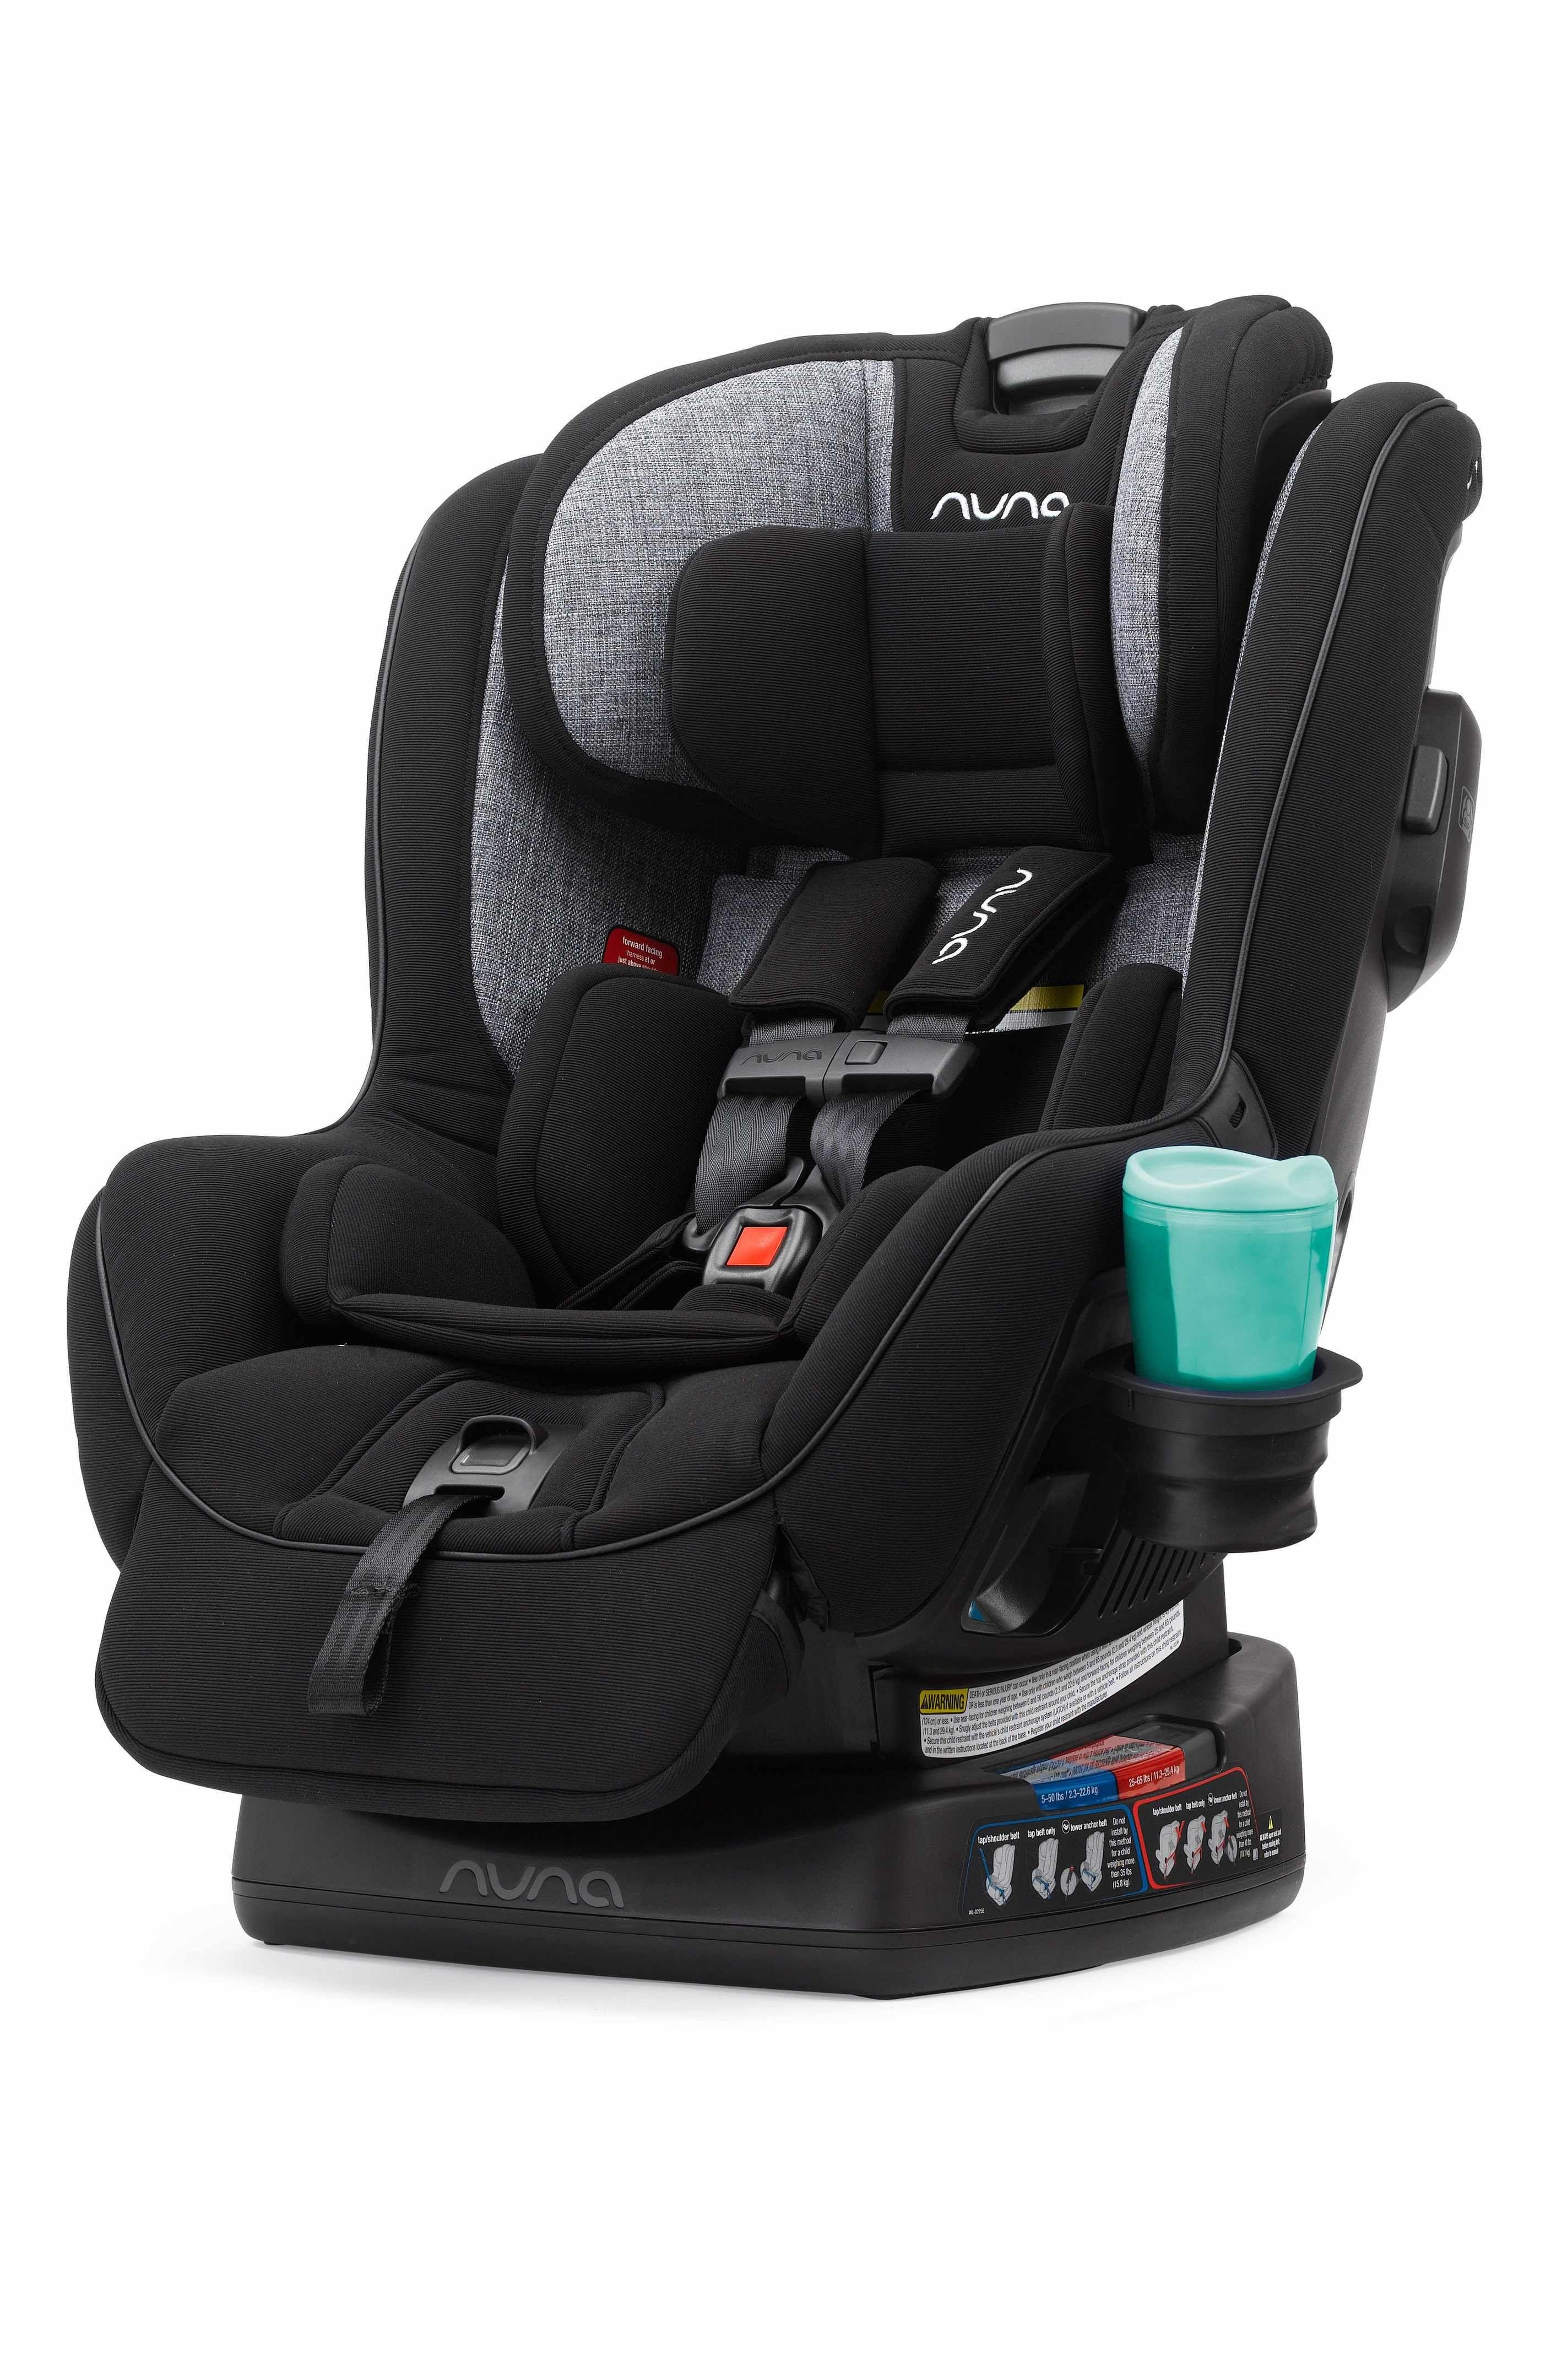 nuna RAVA™ Convertible Car Seat (Nordstrom Exclusive Color